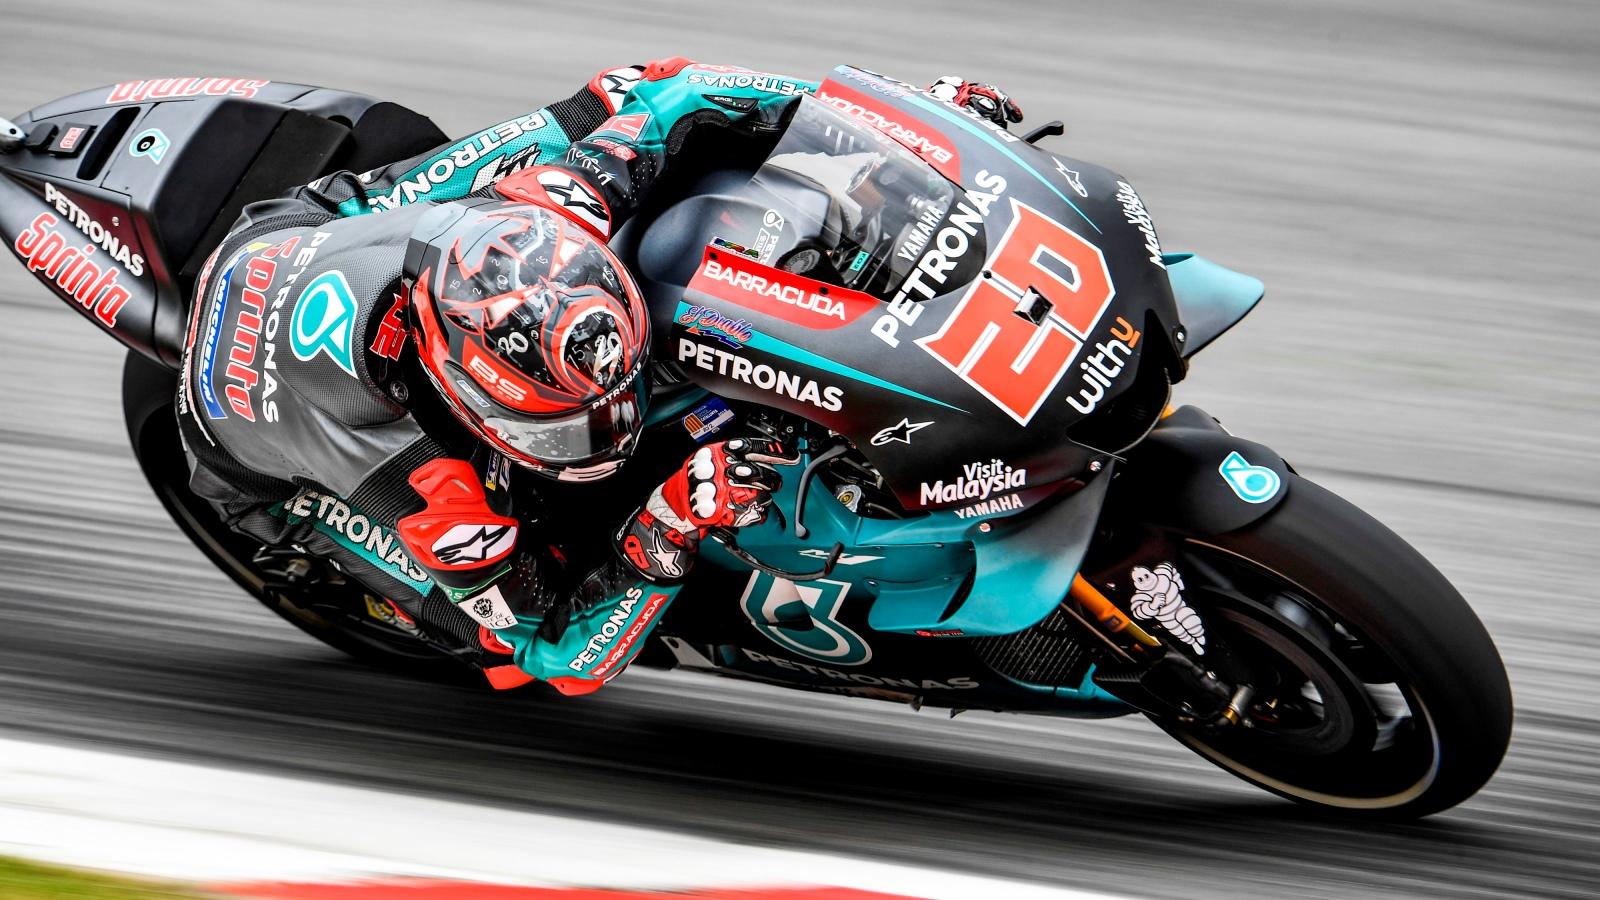 Fabio Quartararo hace la pole en Montmeló y Marc Márquez evita el póquer de Yamaha